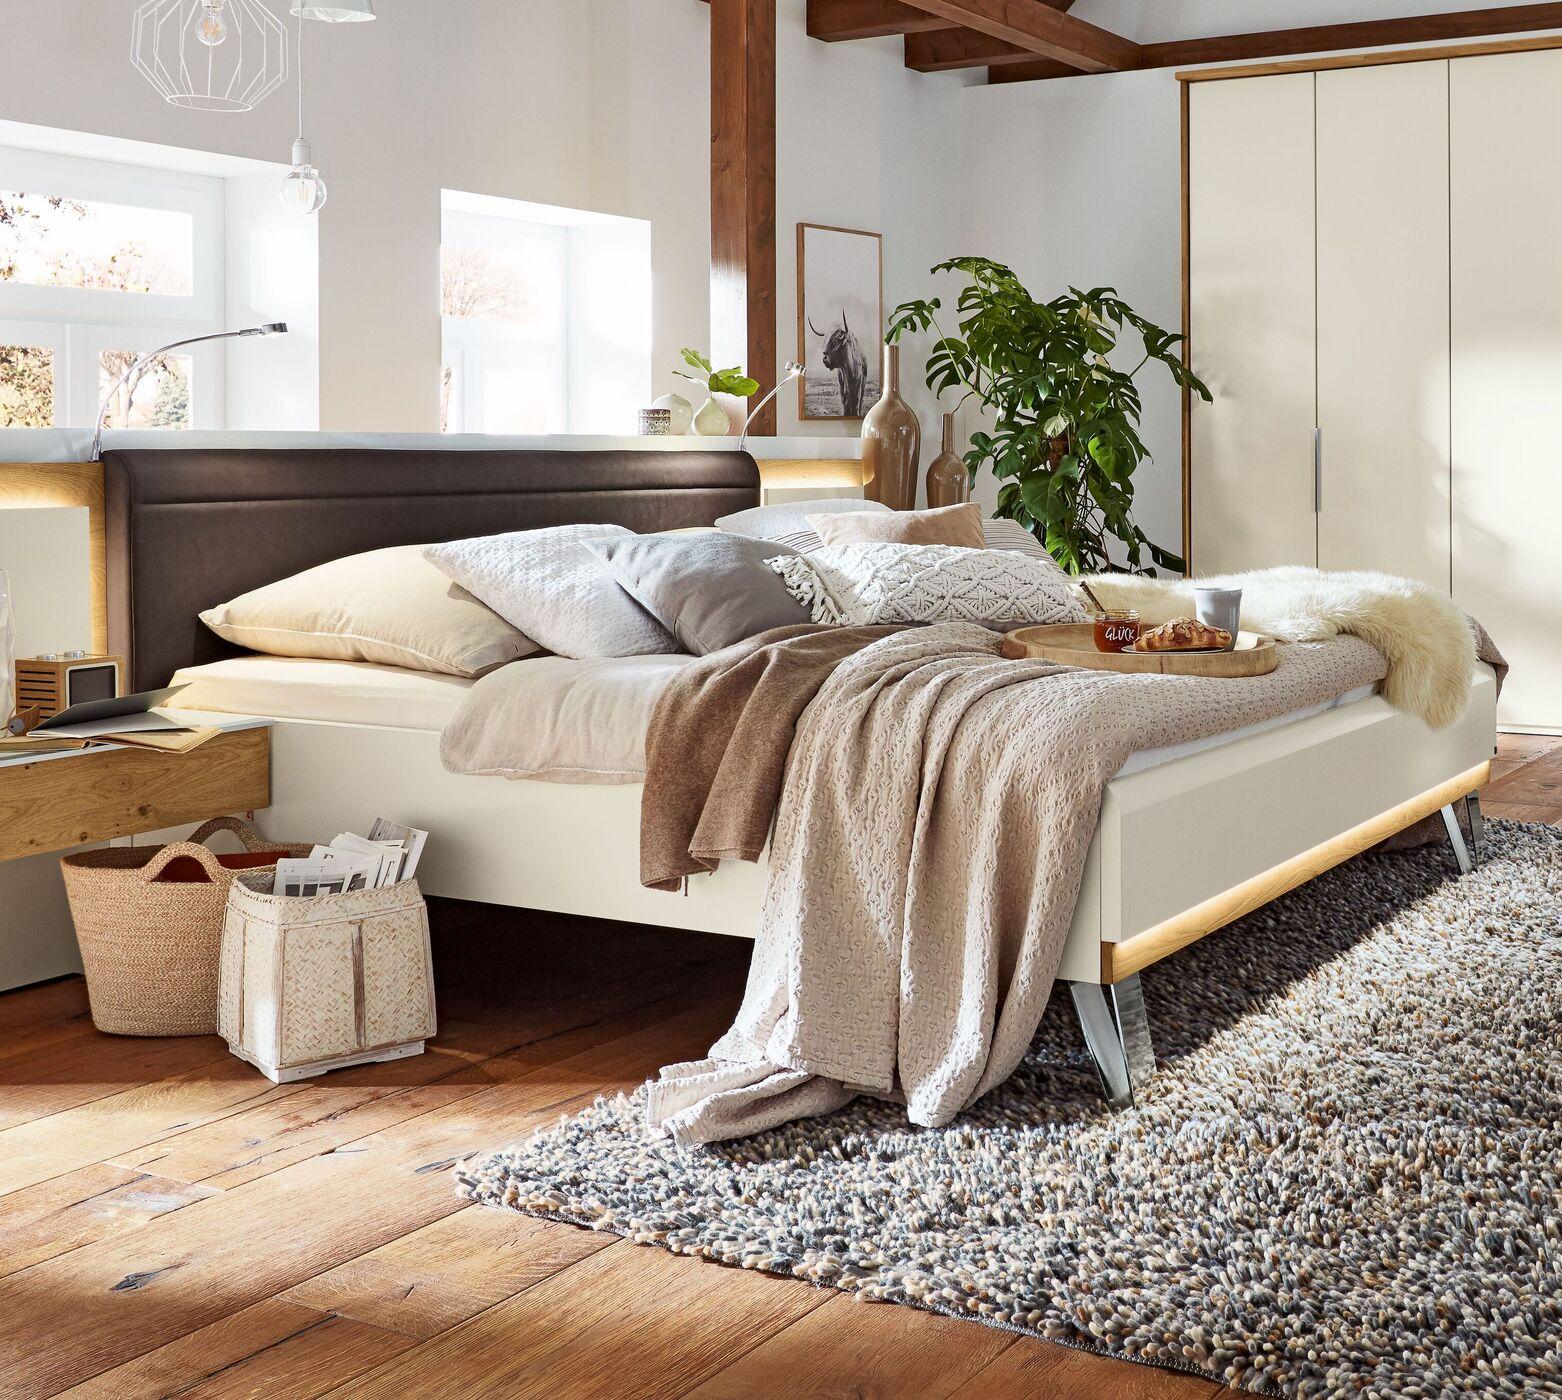 Full Size of Musterring Betten Schlafzimmer Saphira 4 Tlg In Wei Und Balkeneiche Schöne Weiß Poco überlänge Ebay 180x200 140x200 100x200 Balinesische Jugend Bett Musterring Betten